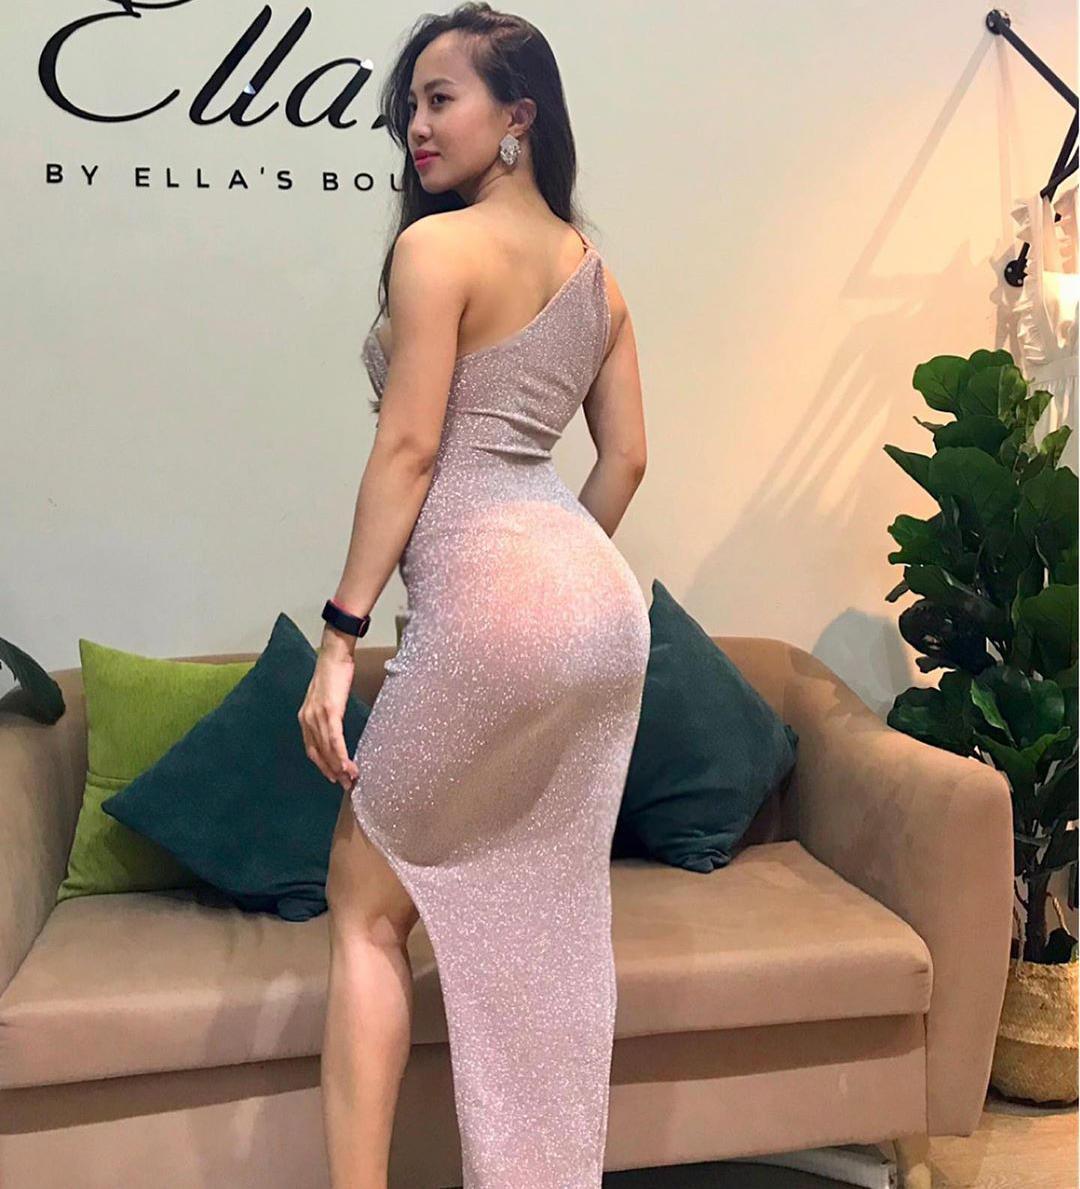 柬埔寨健身女教练,130斤却有美丽动人身材曲线图,称好身材不用看休重 作者: 来源于:猪舍评球